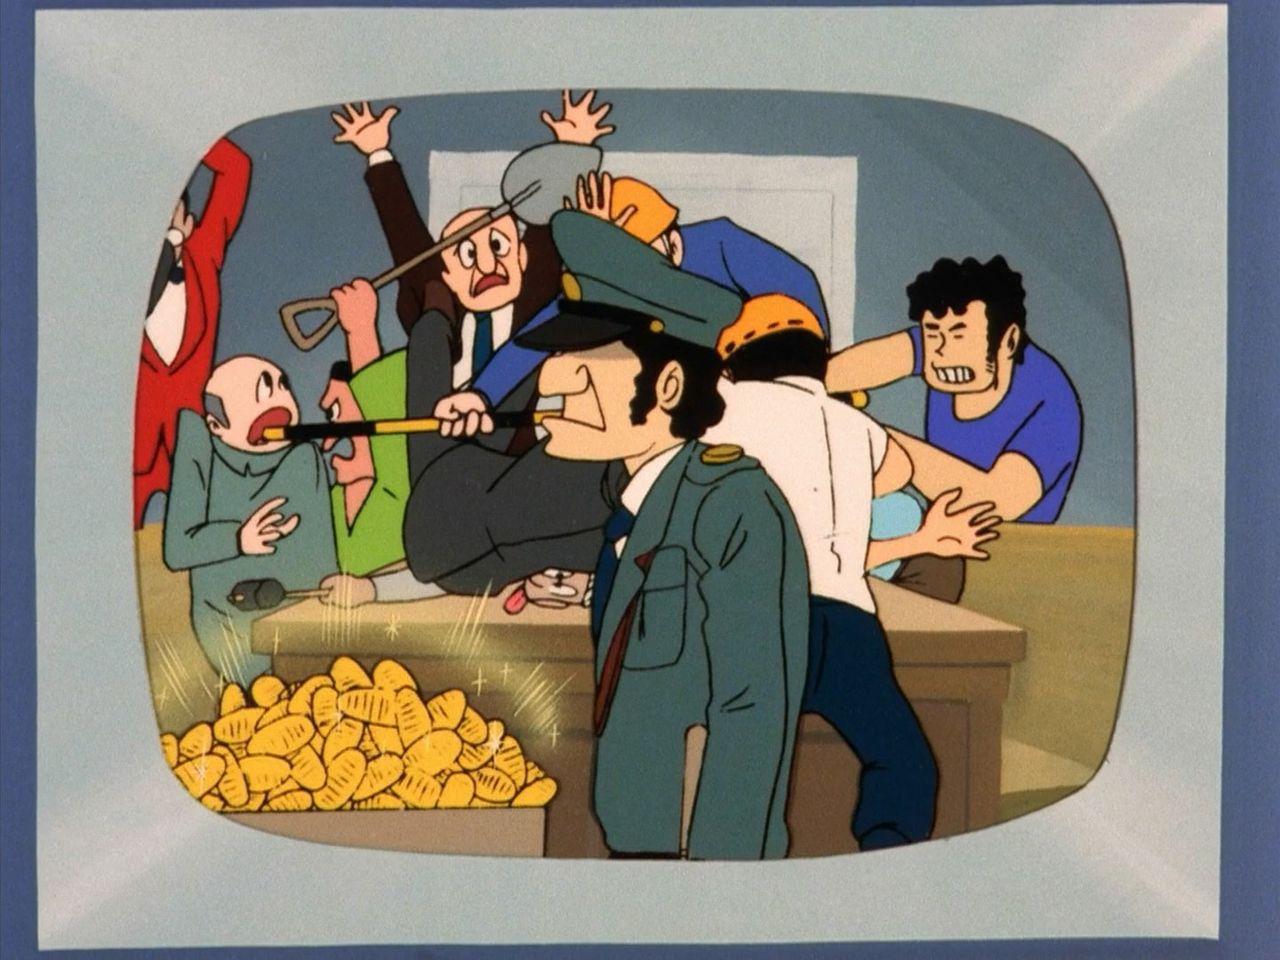 ルパン三世 (TV第1シリーズ)の画像 p1_29